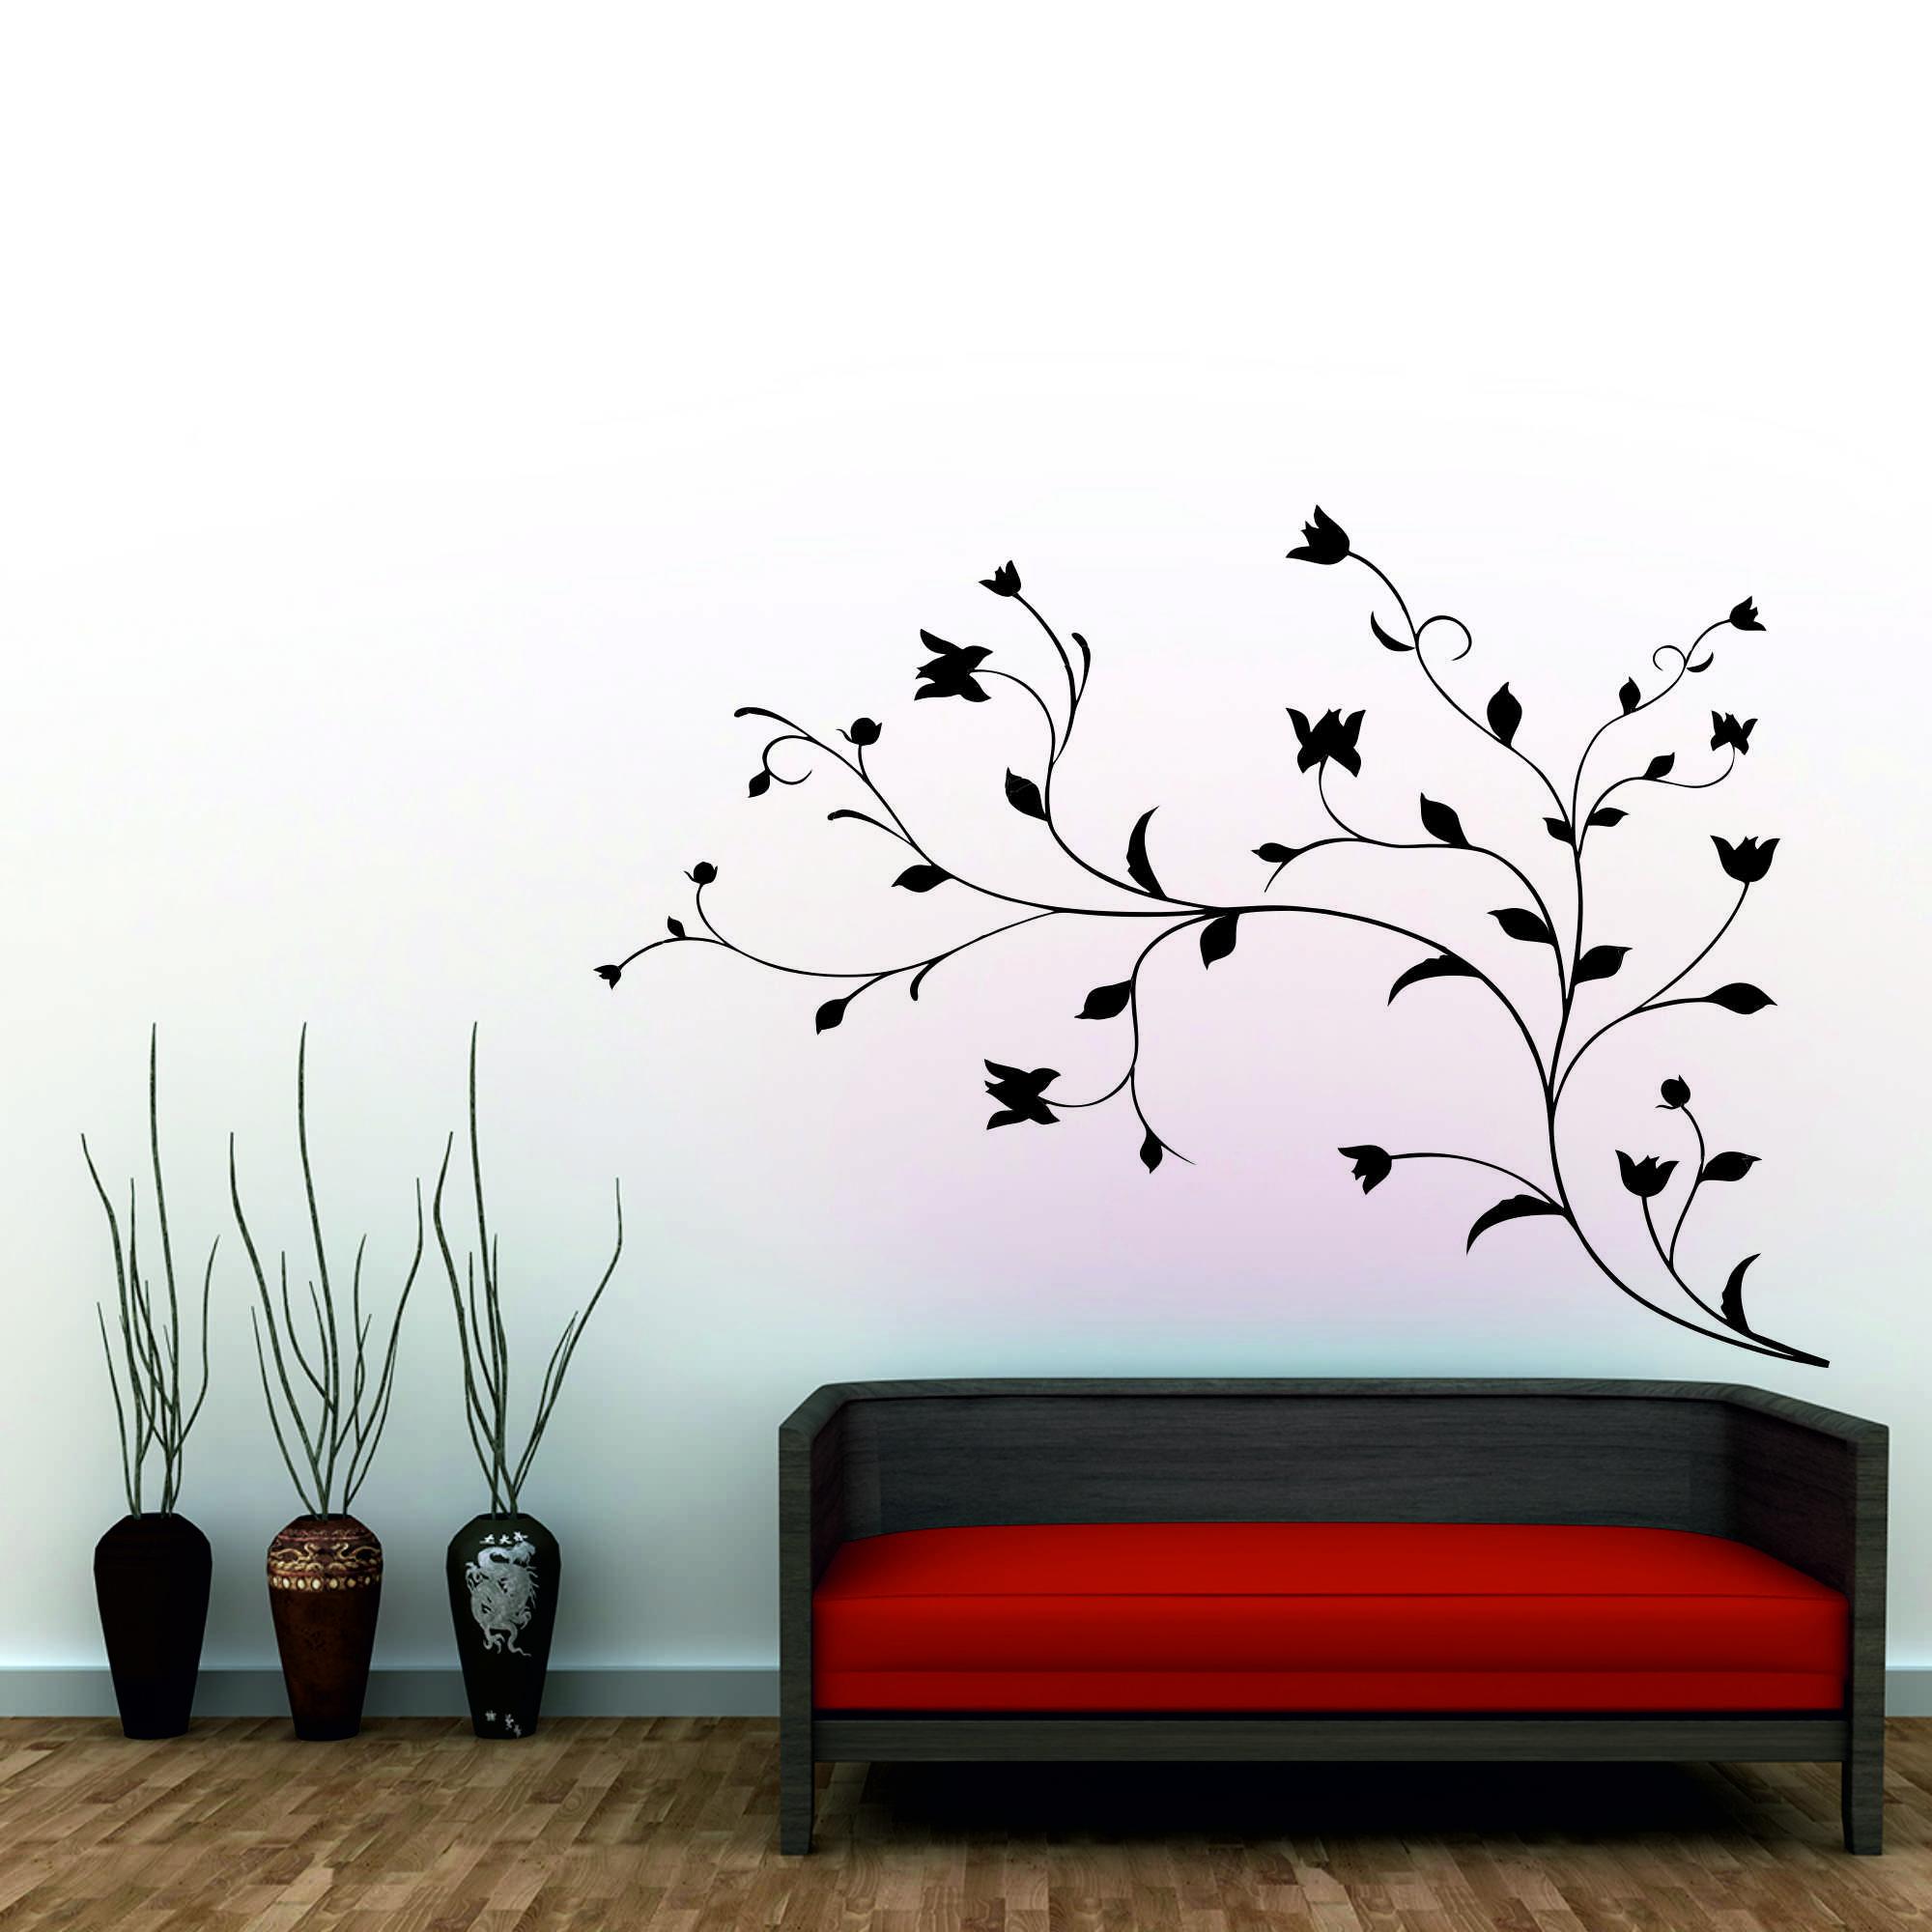 Samolepka na zeď - Větvička brain - 120x67 cm - PopyDesign